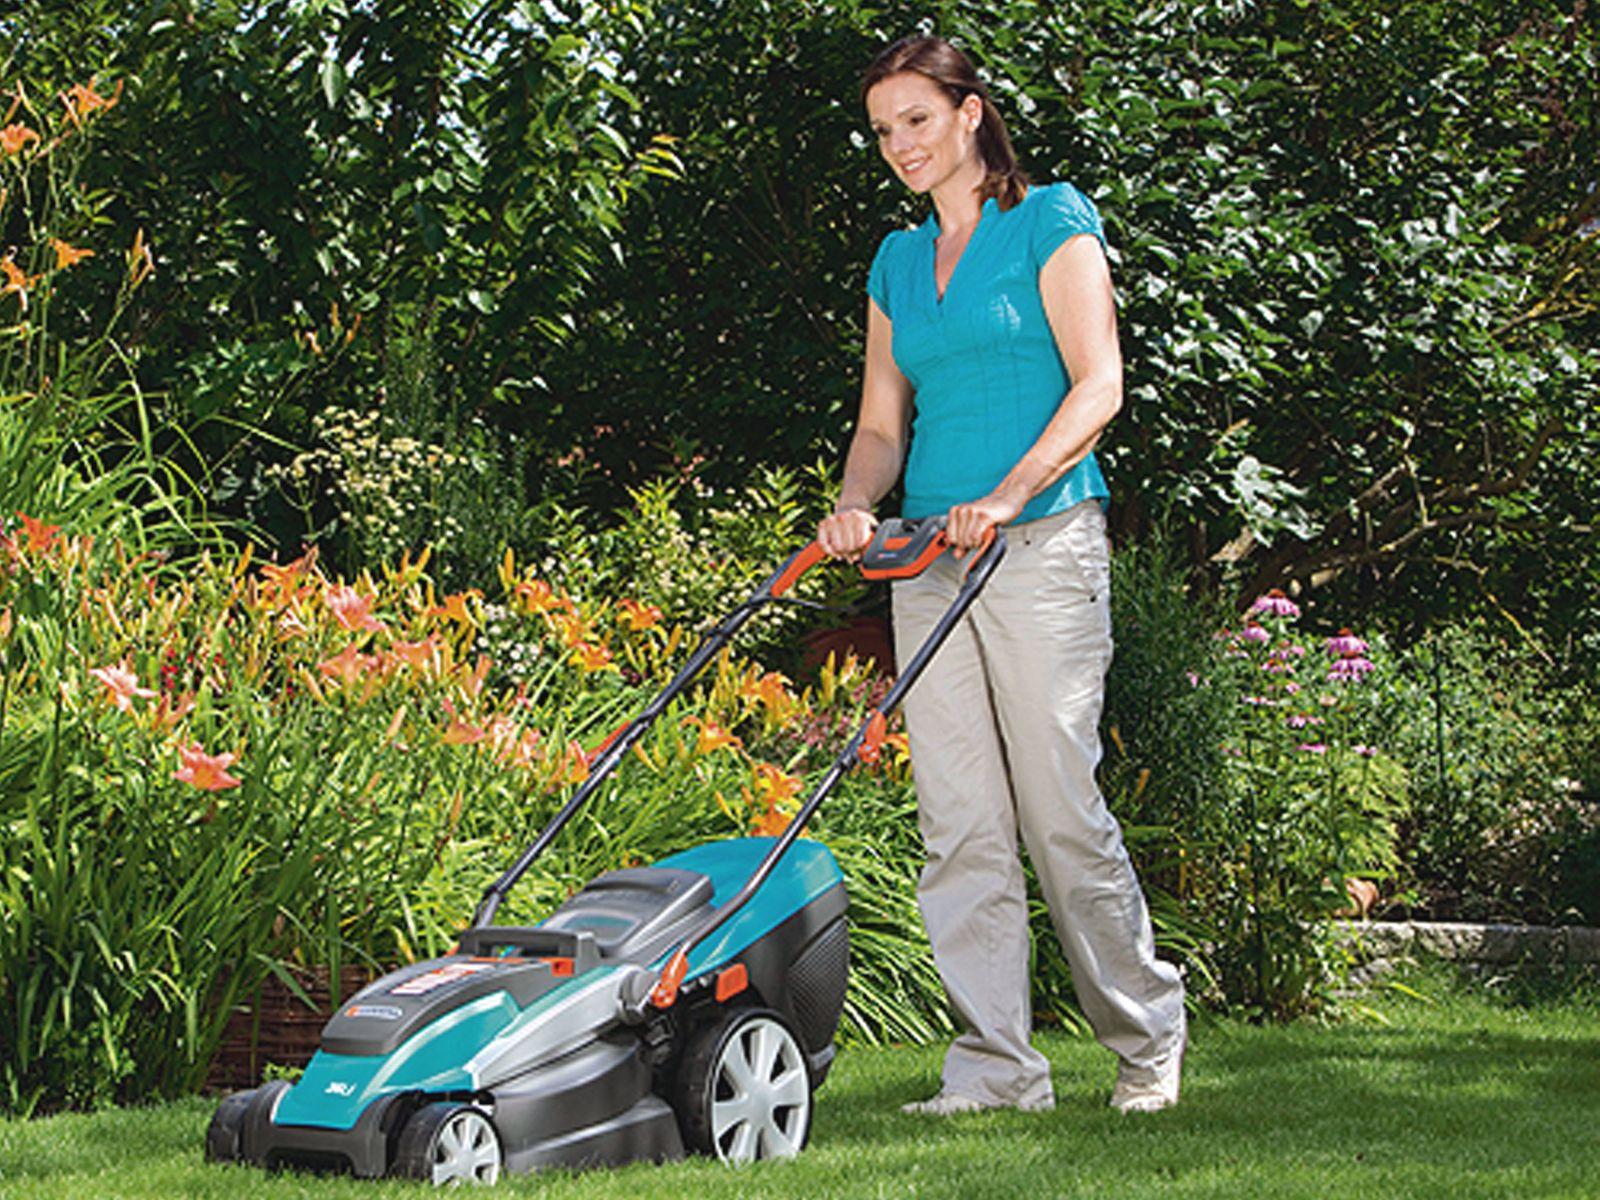 De elektrische grasmaaier: nu ook snoerloos